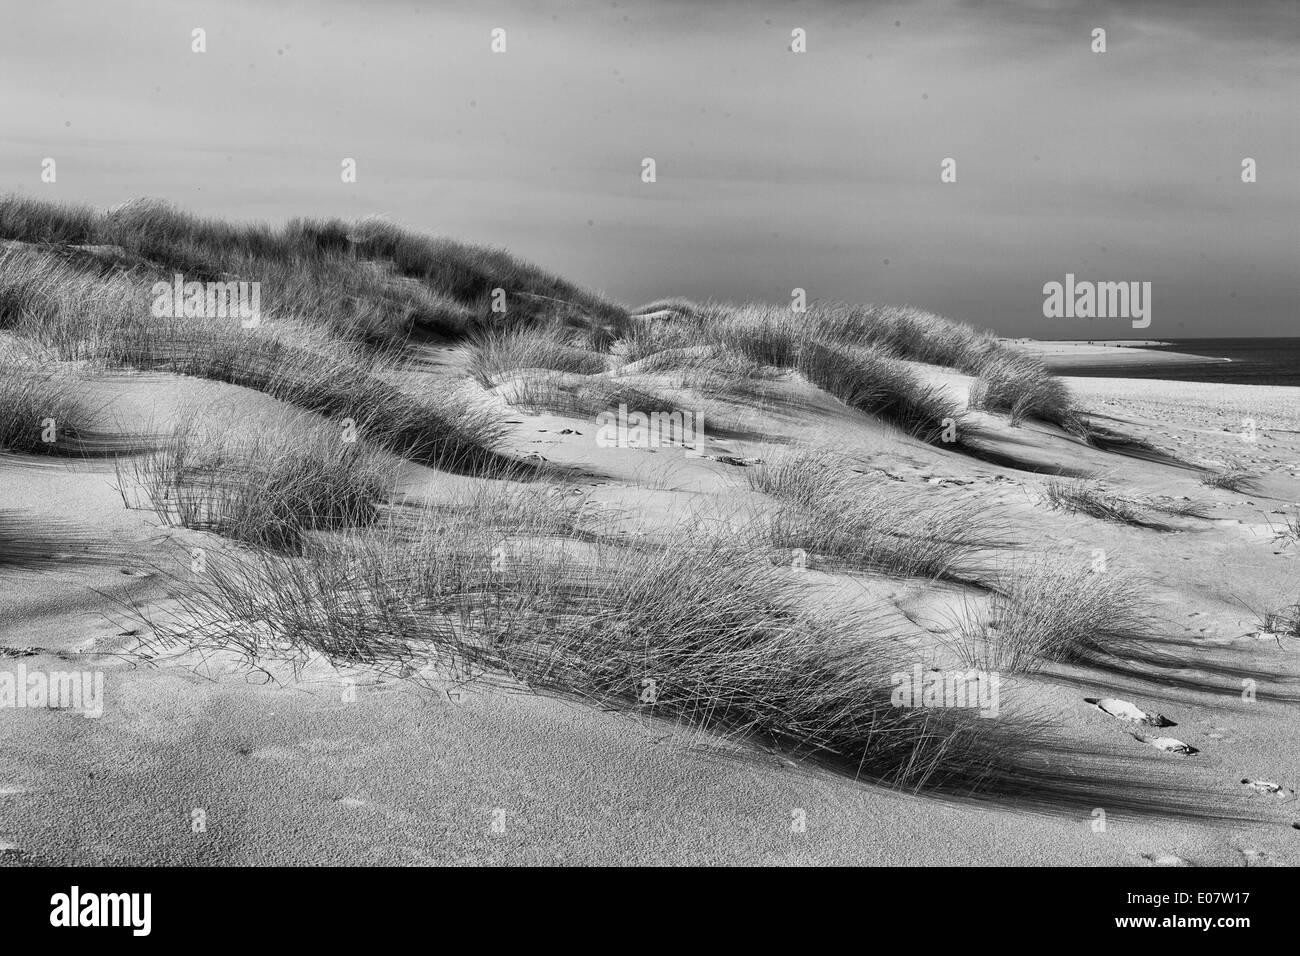 Düne am Weststrand auf der Insel Sylt, Schleswig-Holstein,Deutschland - Stock Image